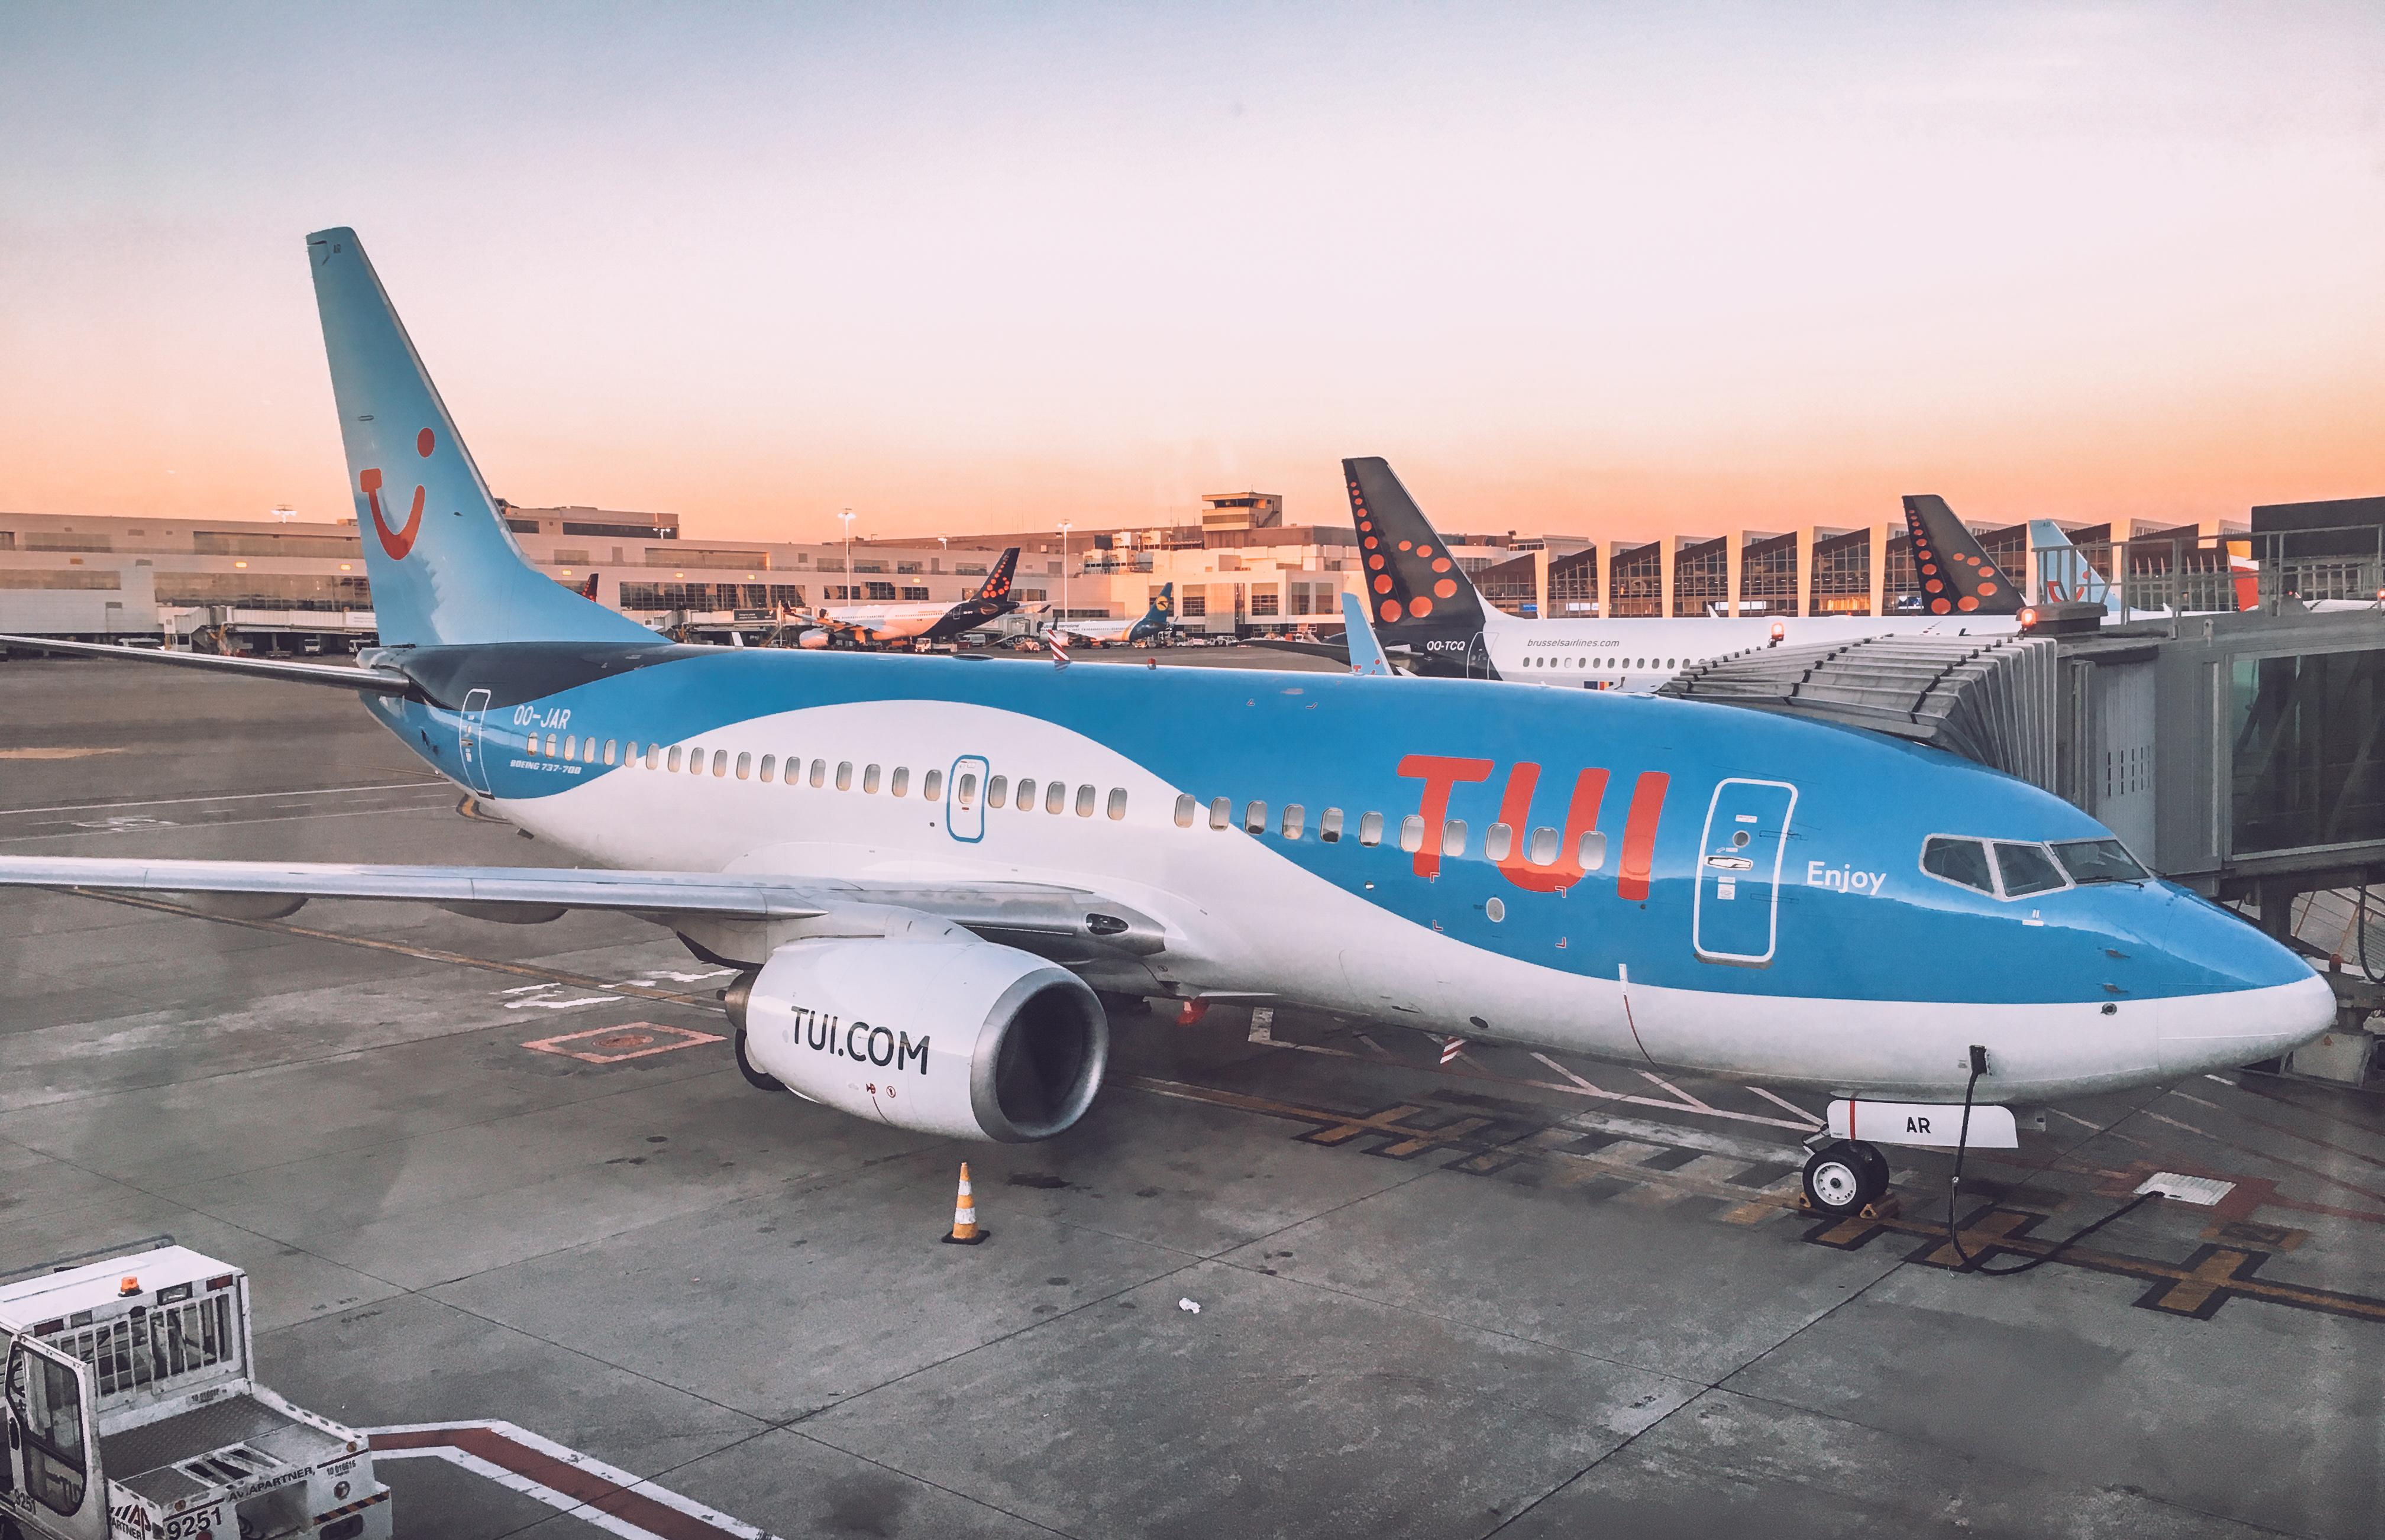 Aereo del gruppo TUI, uno dei colossi dell'economia globale de turismo